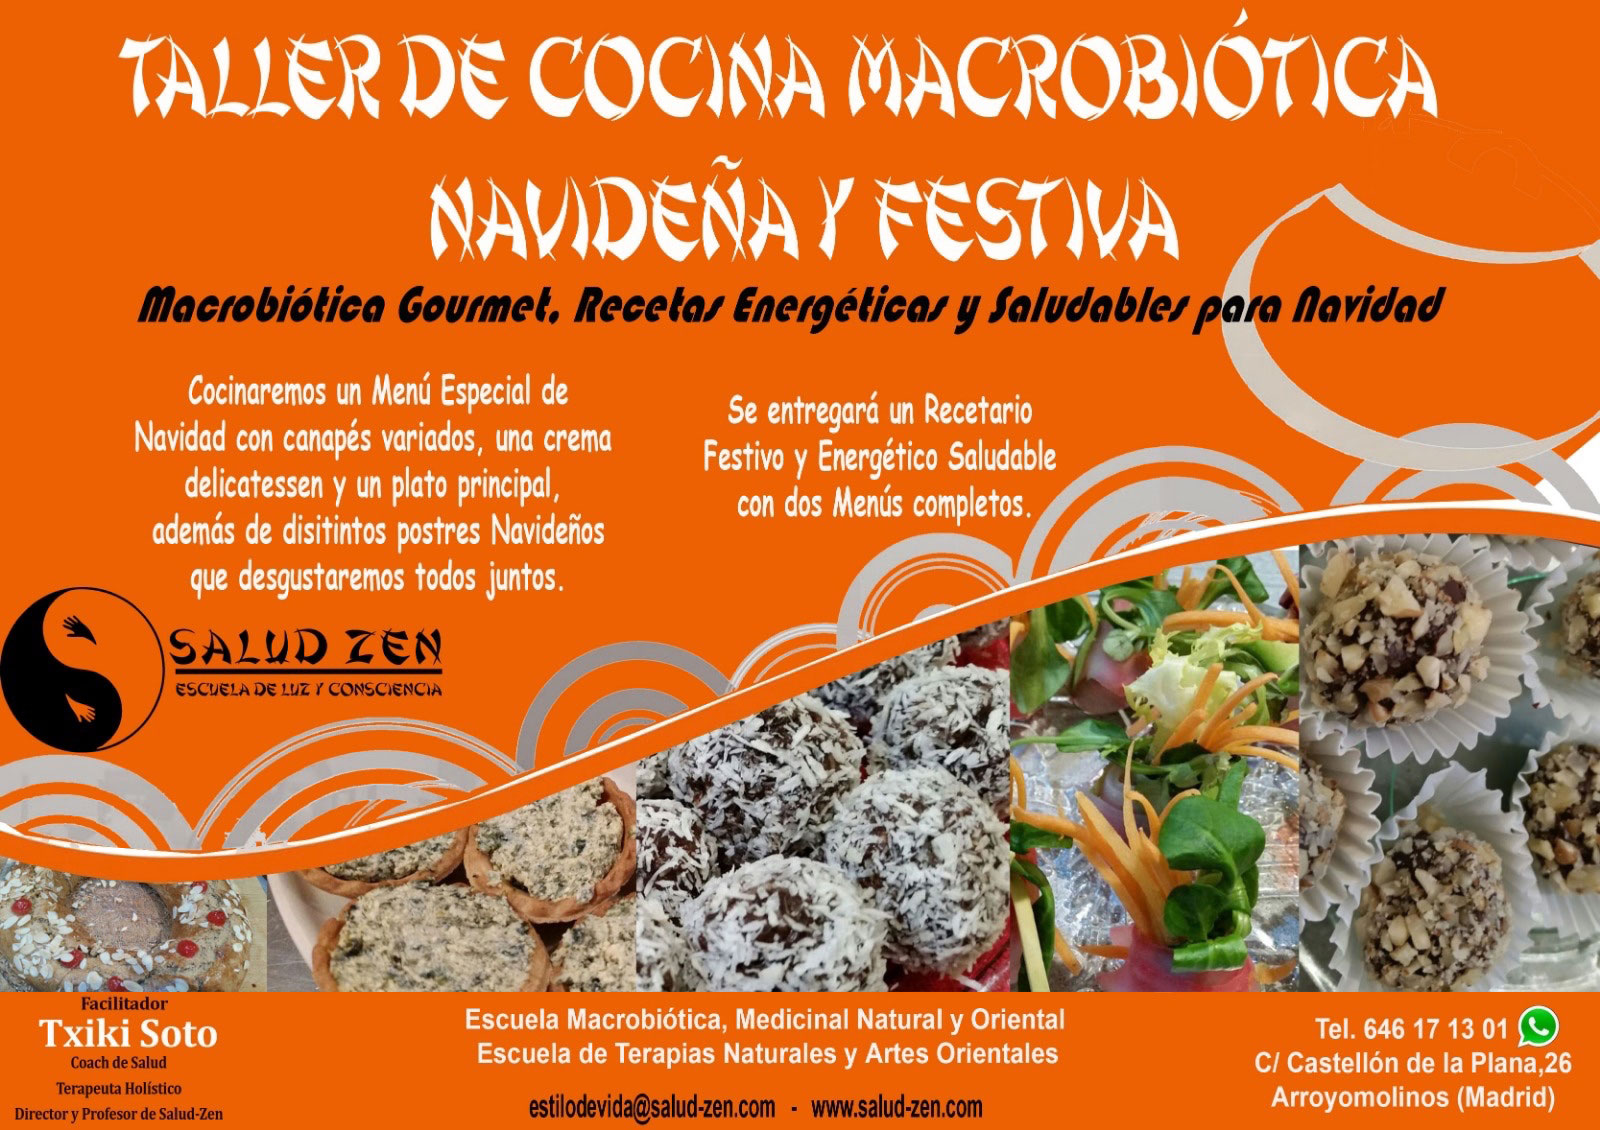 Taller de Cocina Macrobiótica Navideña y Festiva